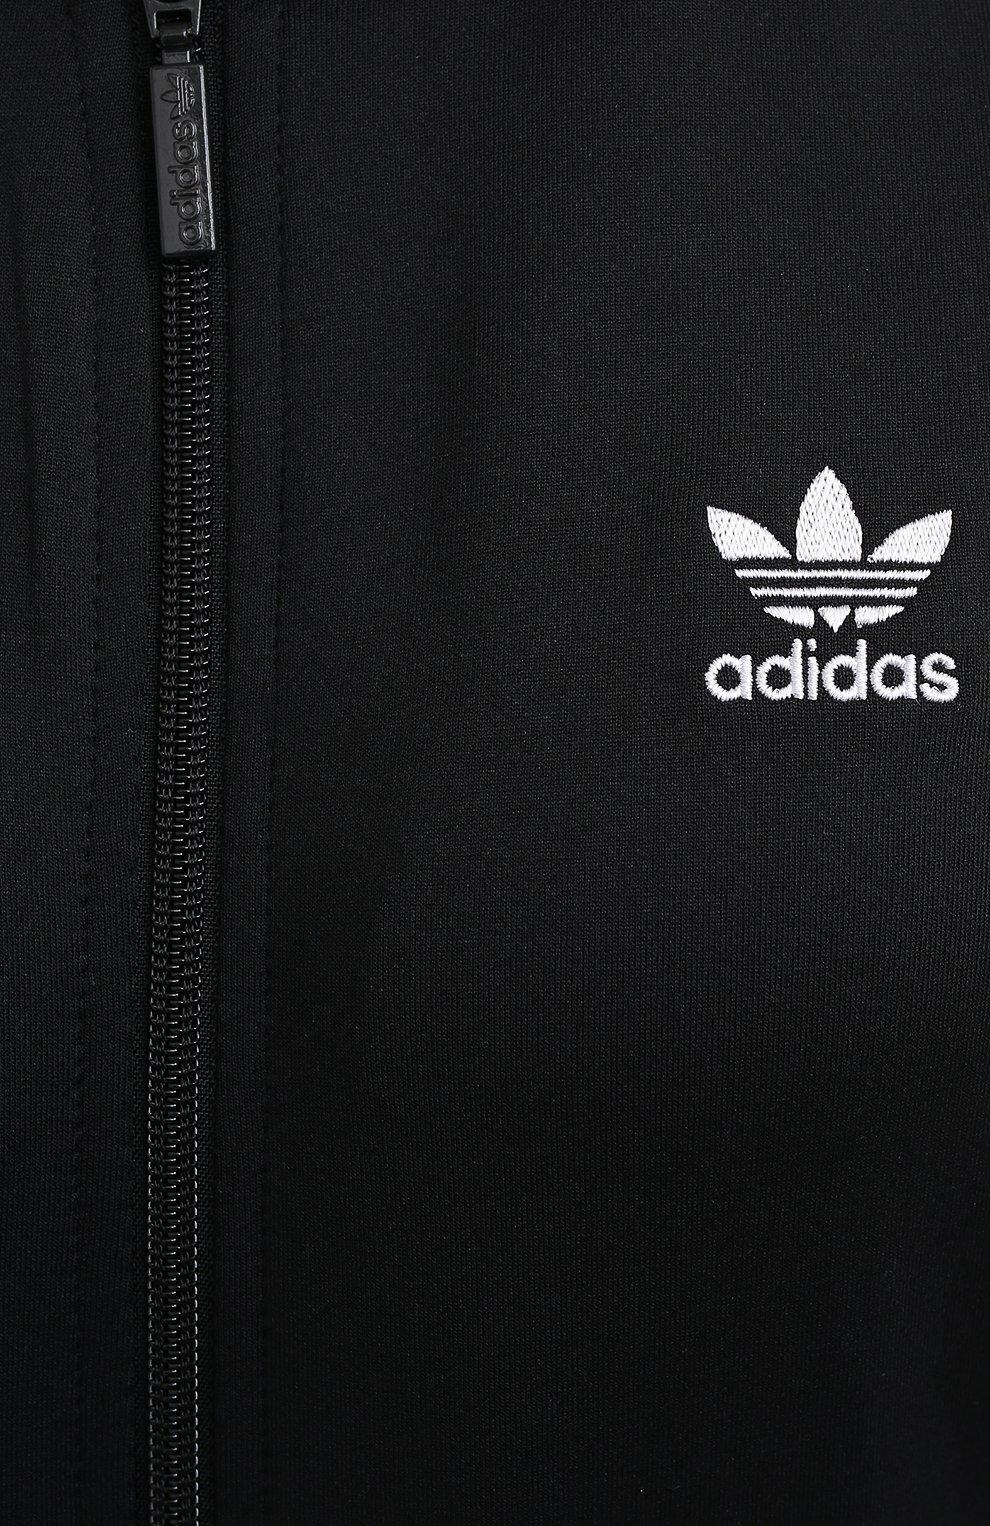 Женский толстовка ADIDAS ORIGINALS черного цвета, арт. GD2374 | Фото 5 (Рукава: Длинные; Женское Кросс-КТ: Толстовка-спорт, Кардиган-одежда; Кросс-КТ: Спорт; Материал внешний: Синтетический материал; Длина (для топов): Стандартные; Стили: Спорт-шик)